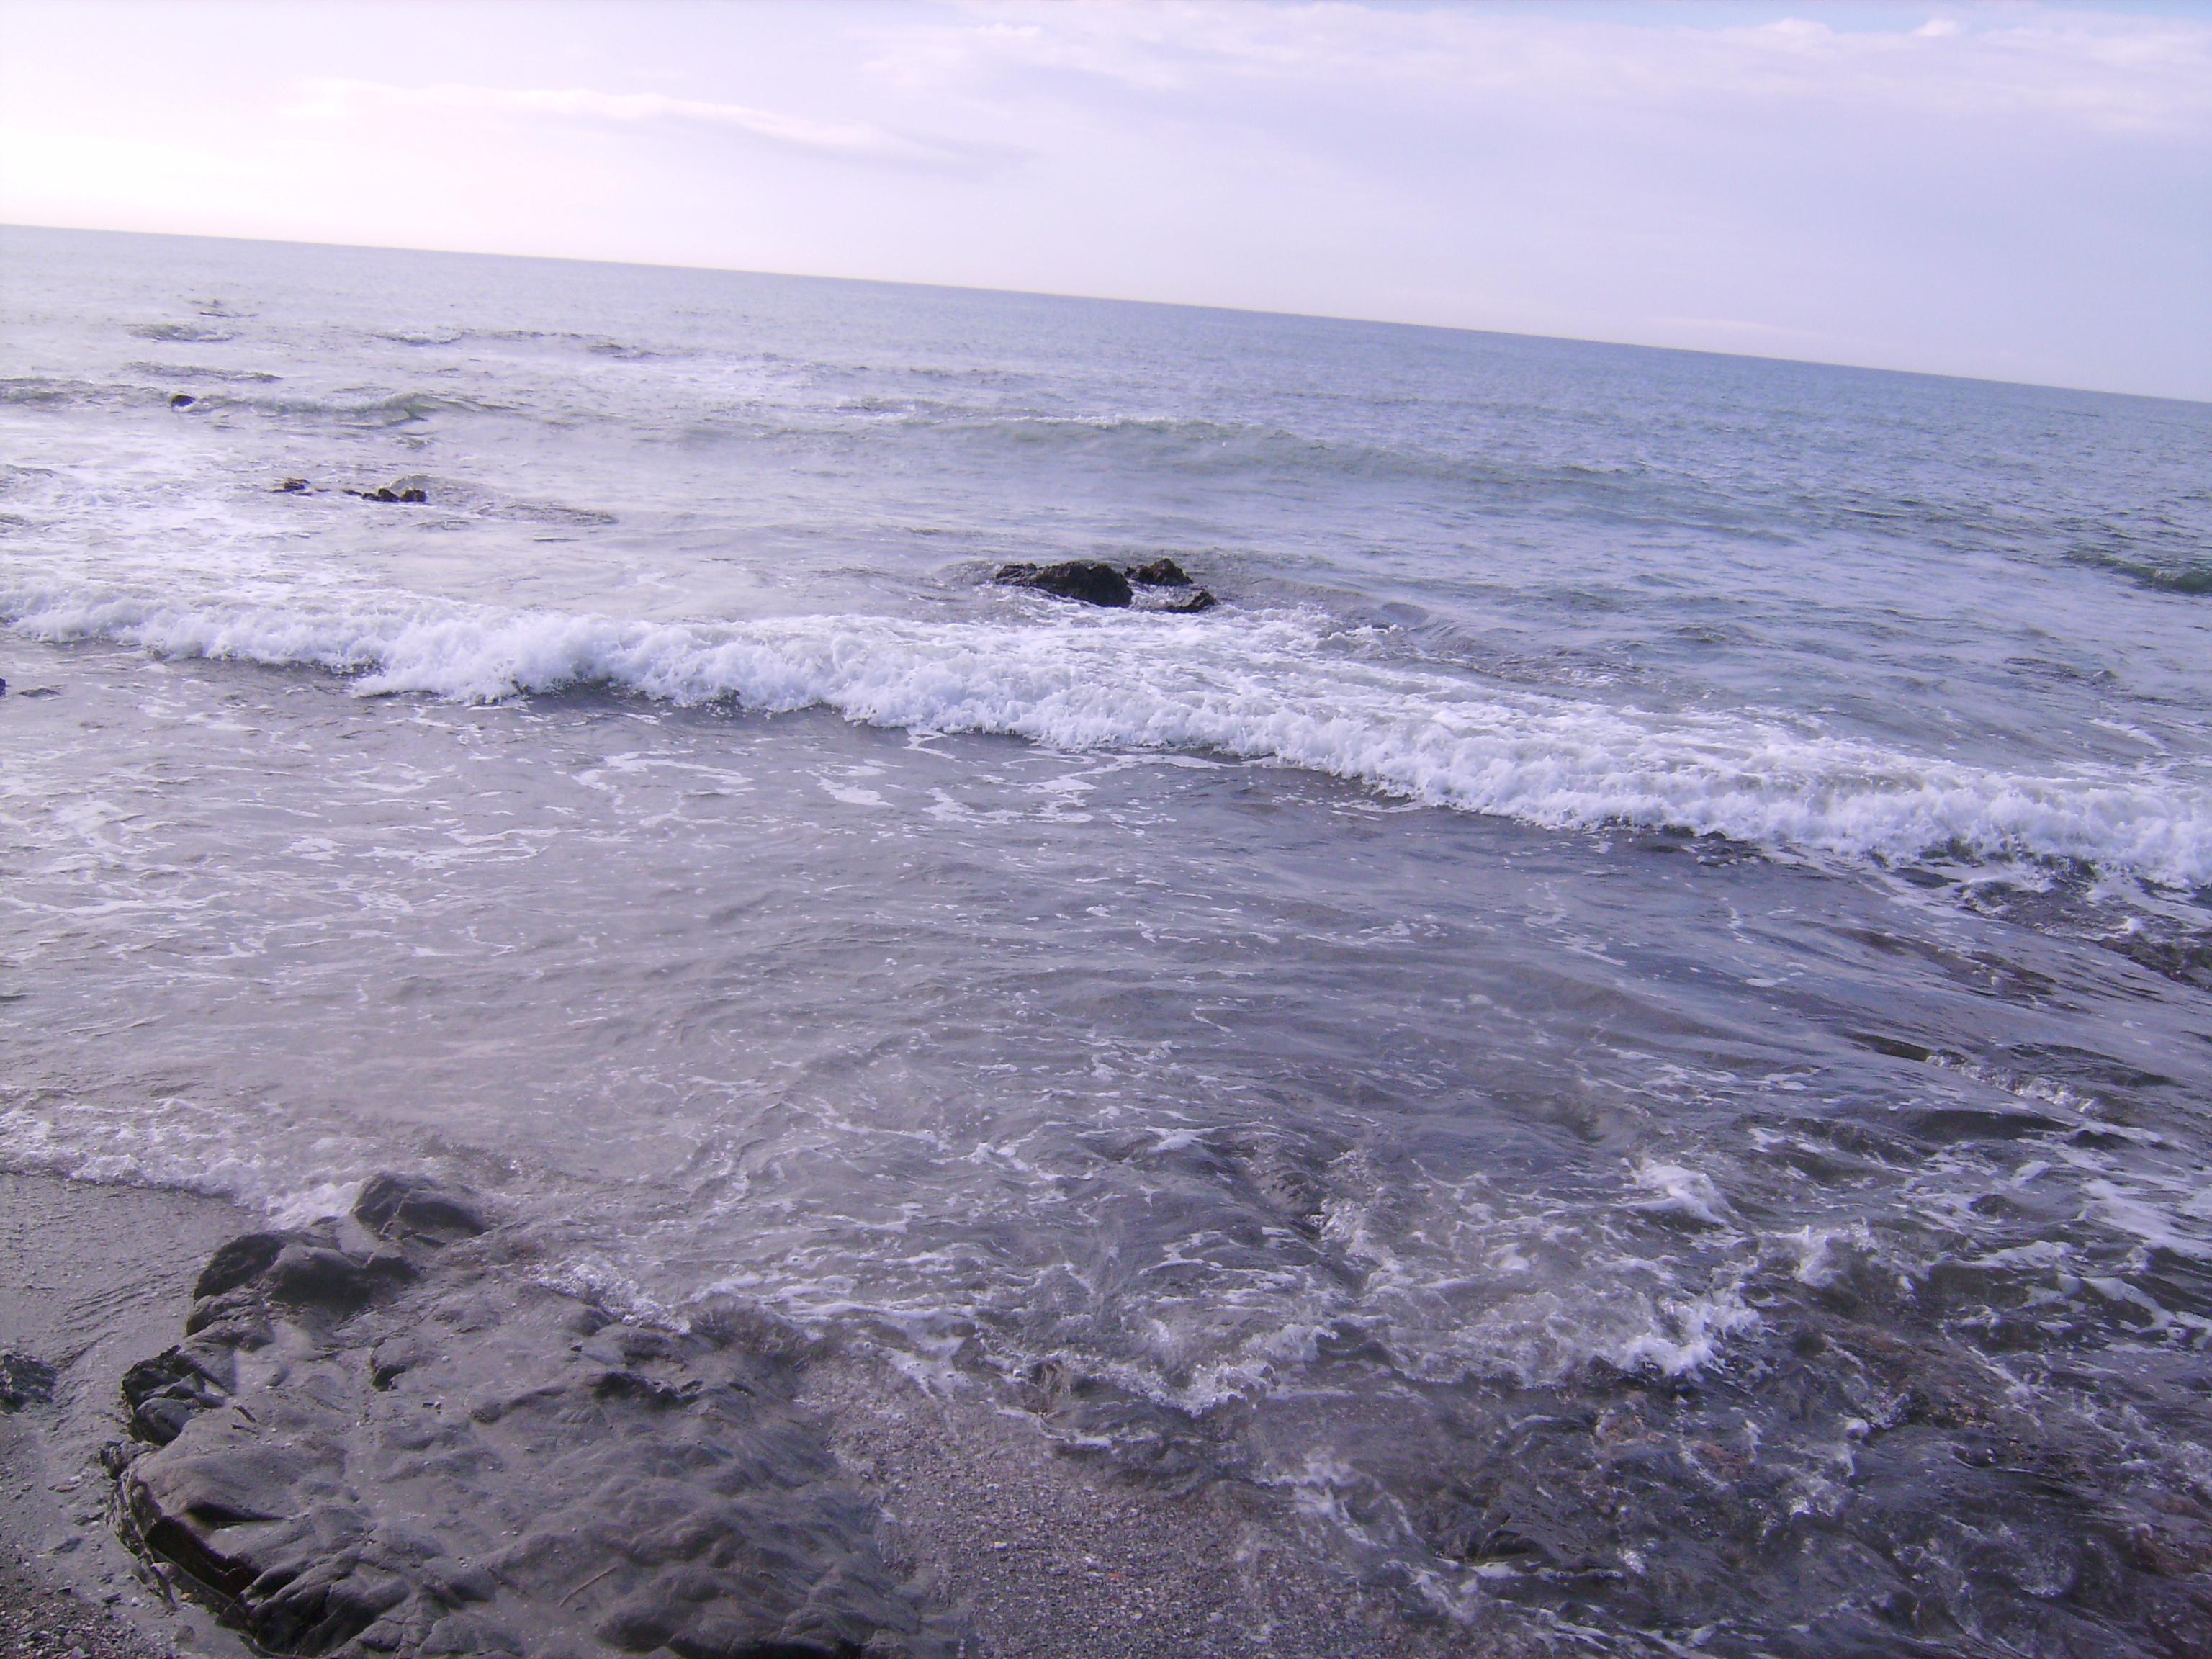 Ahol a rózsa, ott a tenger. Ahol a Nyílás, ott a tenger. <br />S a fordított nyílás, a Hervadás:<br />az is a Tenger.<br />